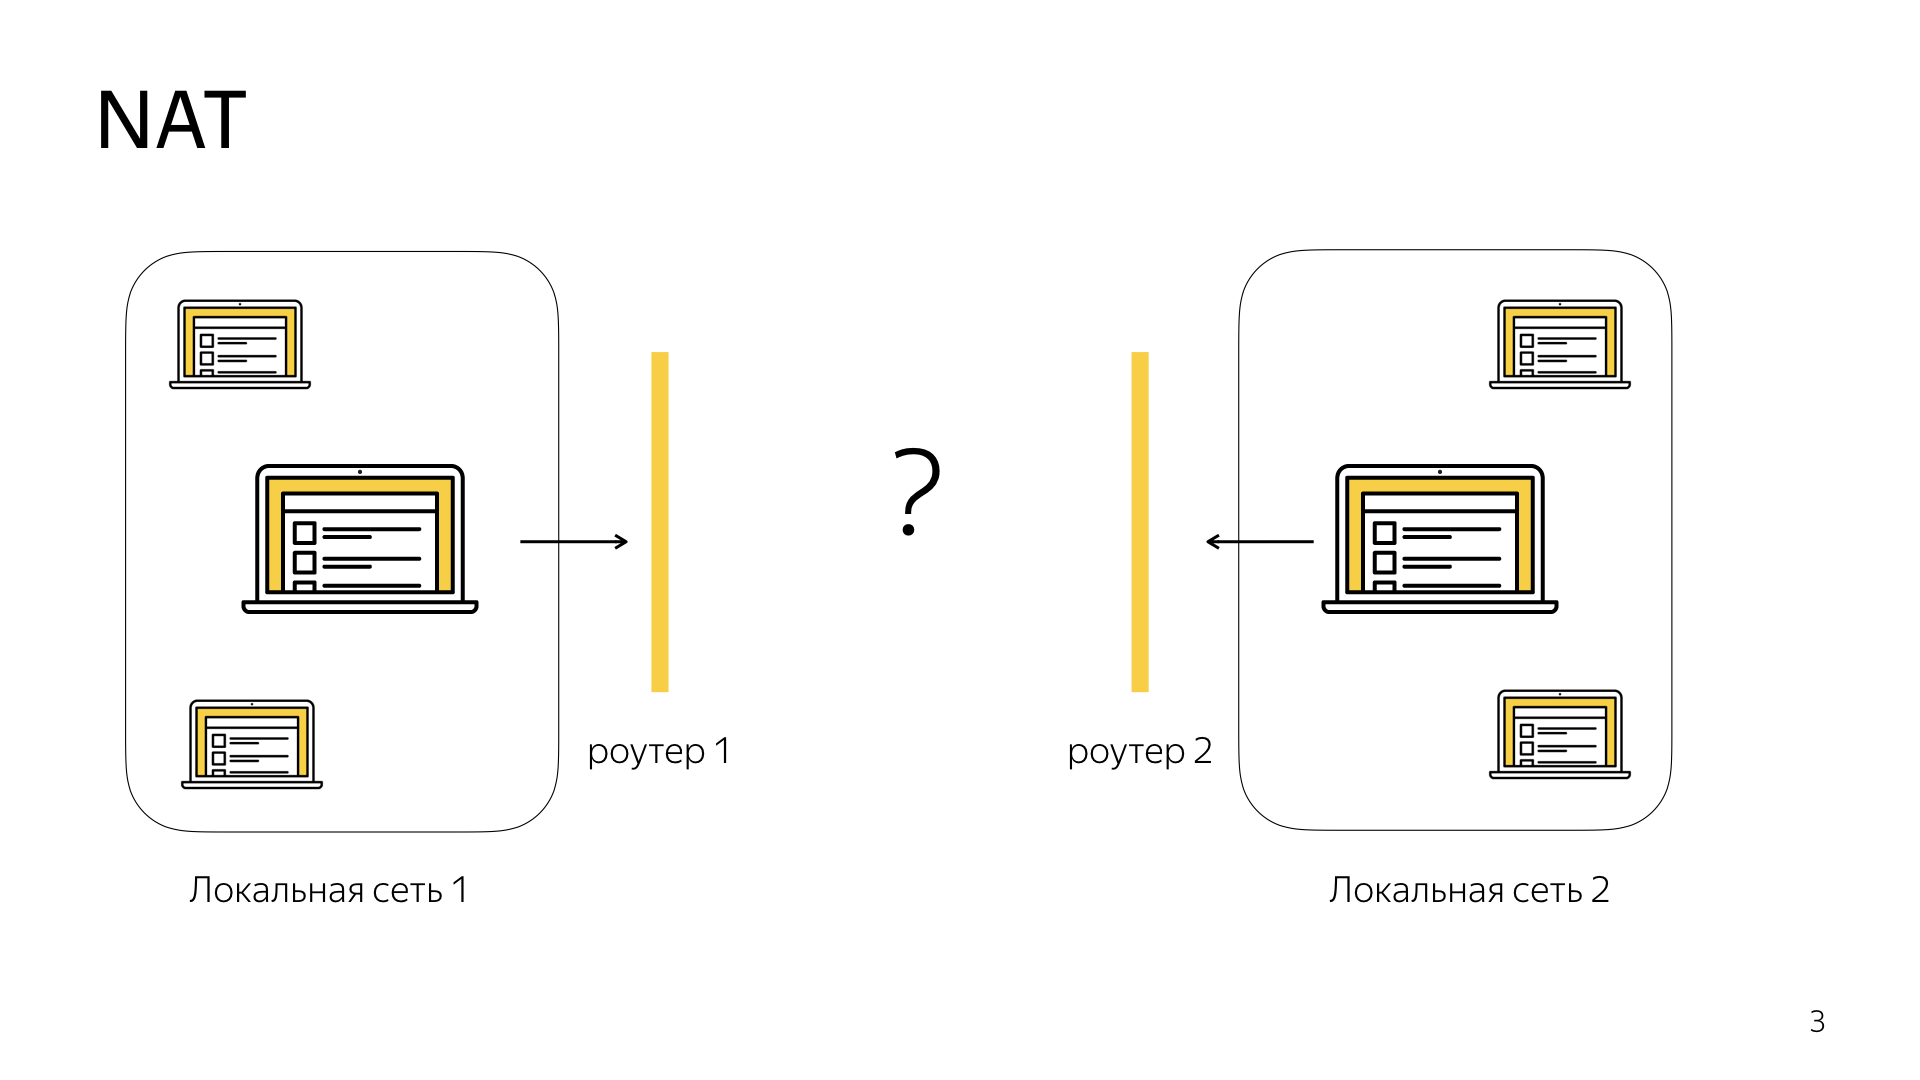 Опыт использования WebRTC. Лекция Яндекса - 3